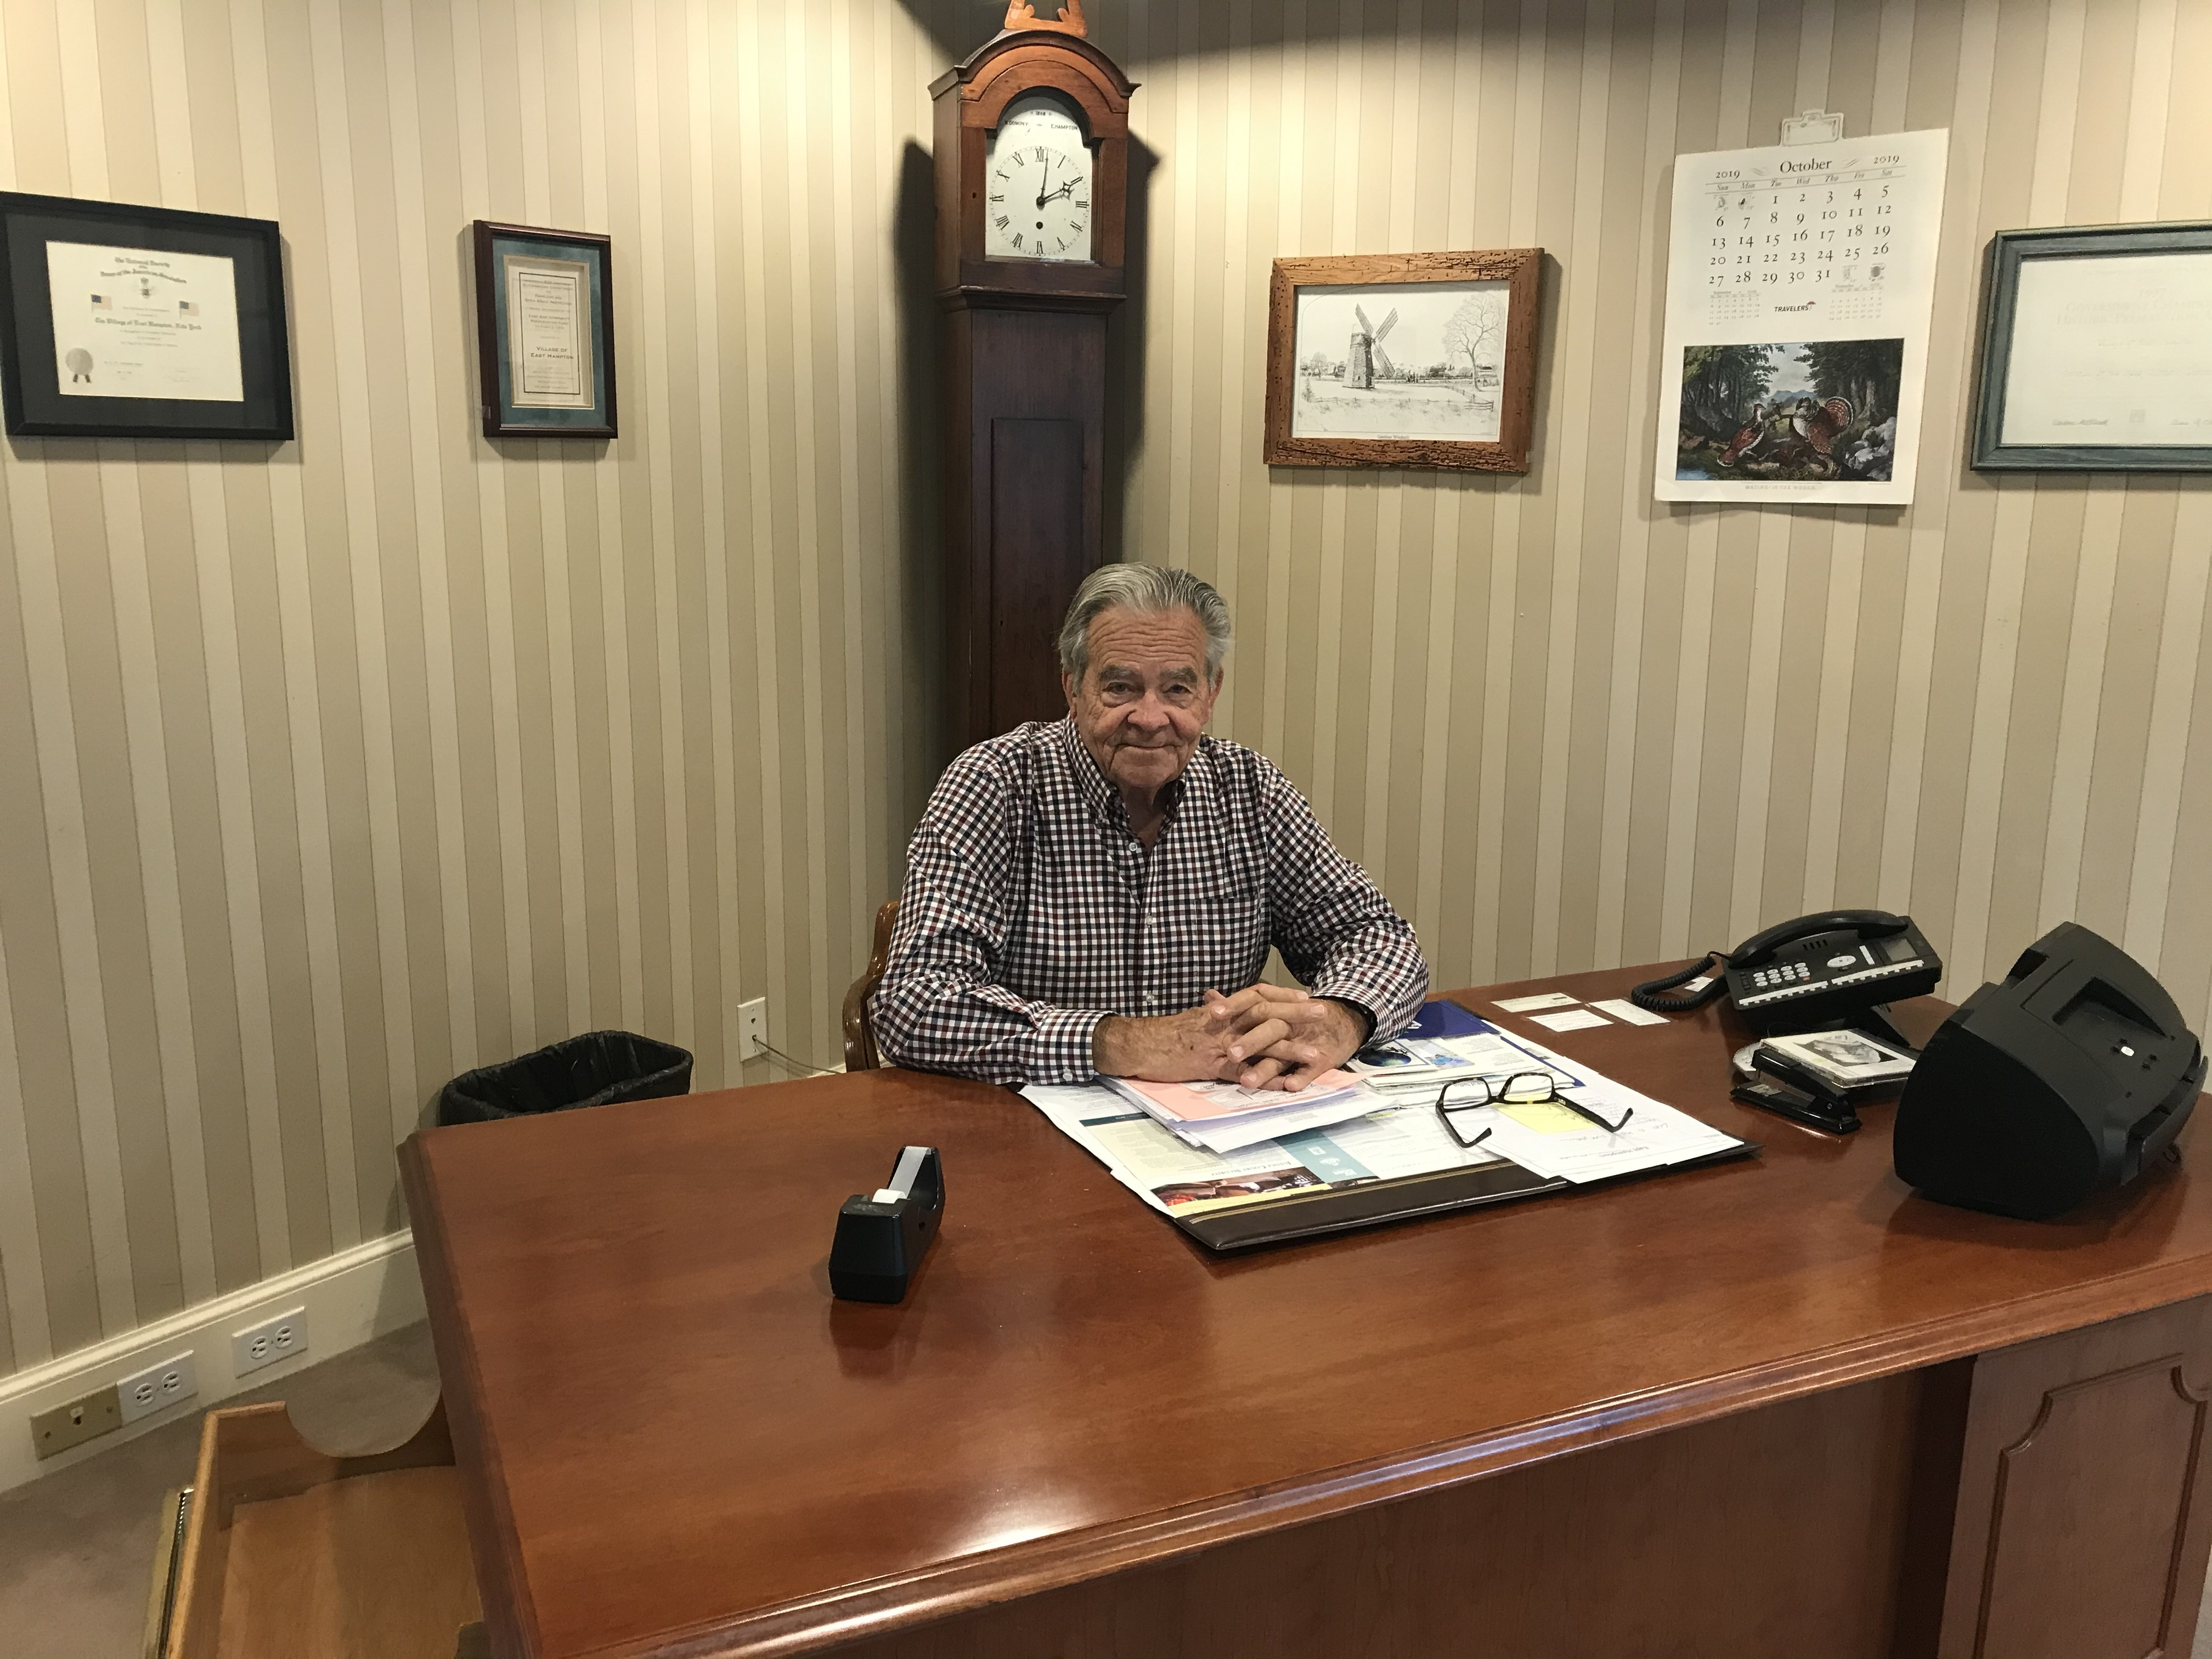 Mayor Paul F. Rickenbach Jr. in his office at East Hampton Village Hall this week.   ELIZABETH VESPE